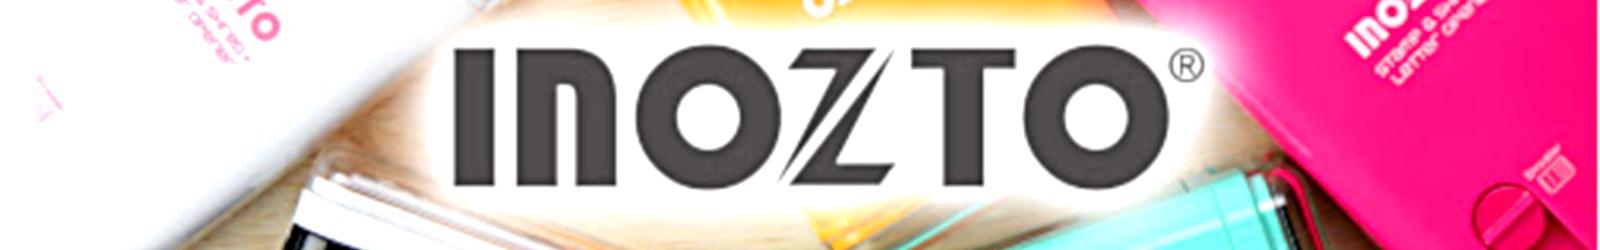 inozto banner logo small 1600x250